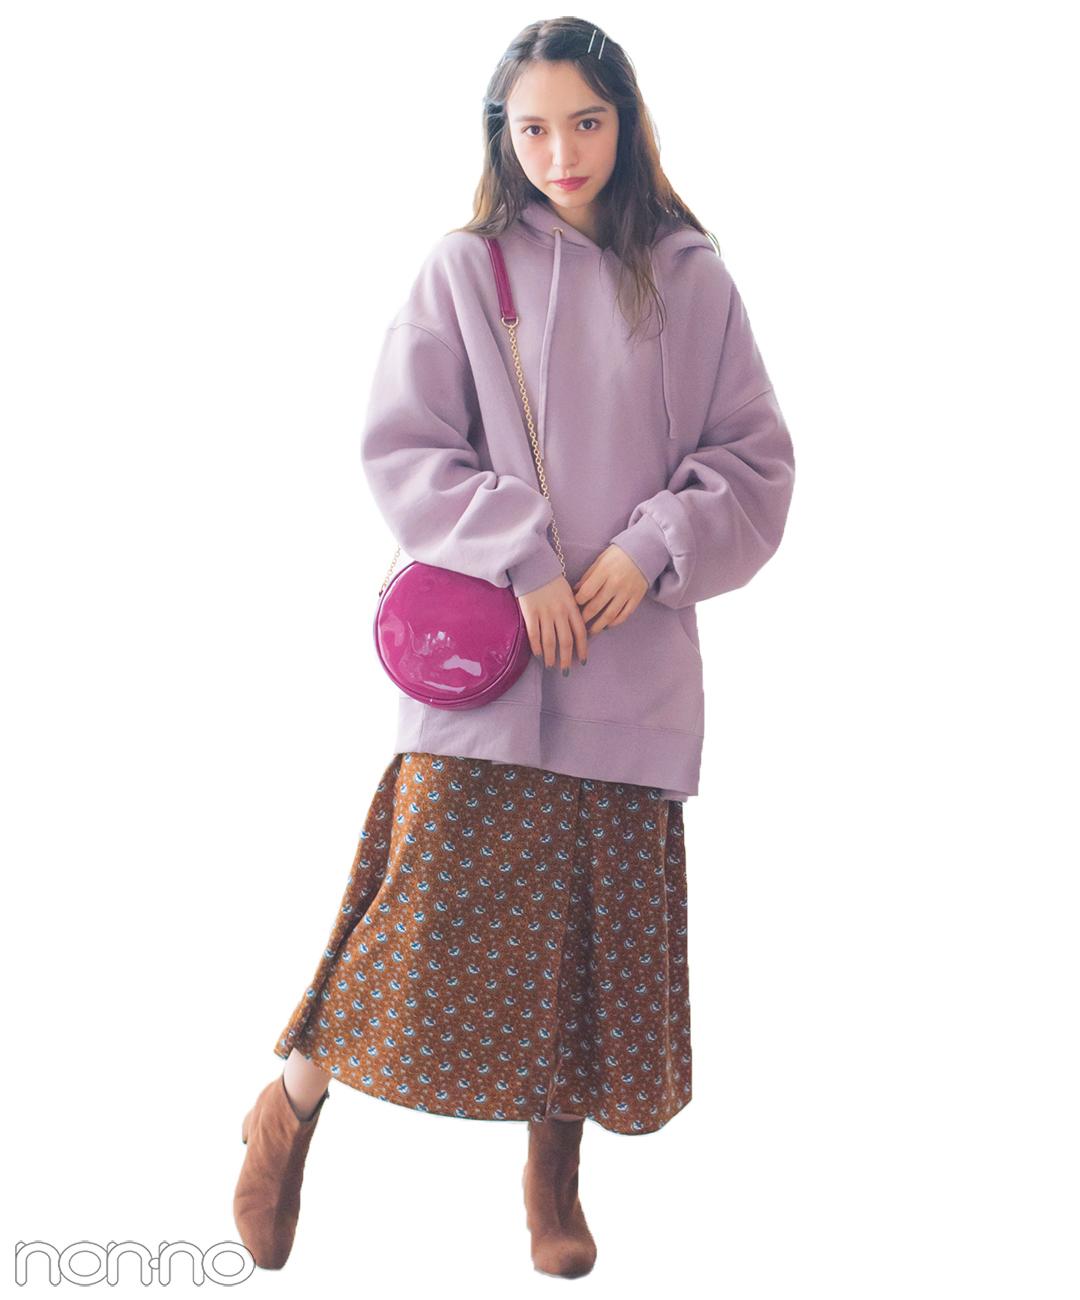 【春の花柄スカートコーデ】グレイッシュなピンクはブラウンの花柄でふわっとまとめて